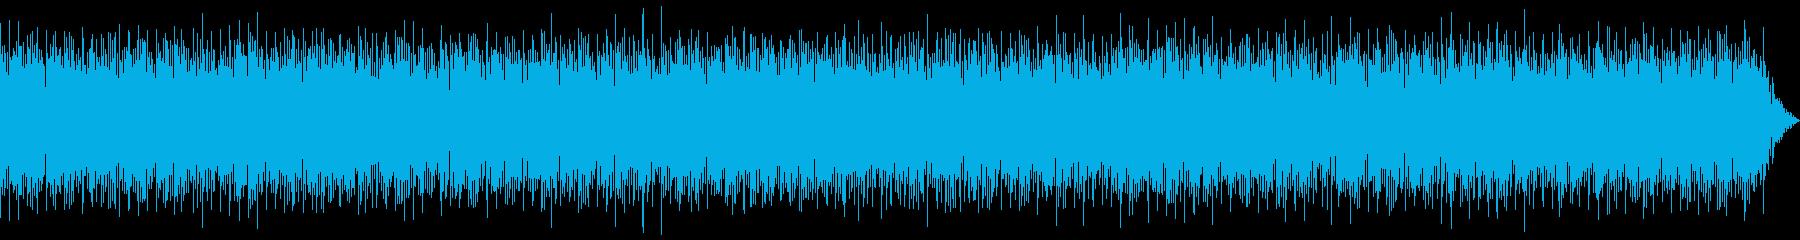 中国 をイメージしたBGMの再生済みの波形